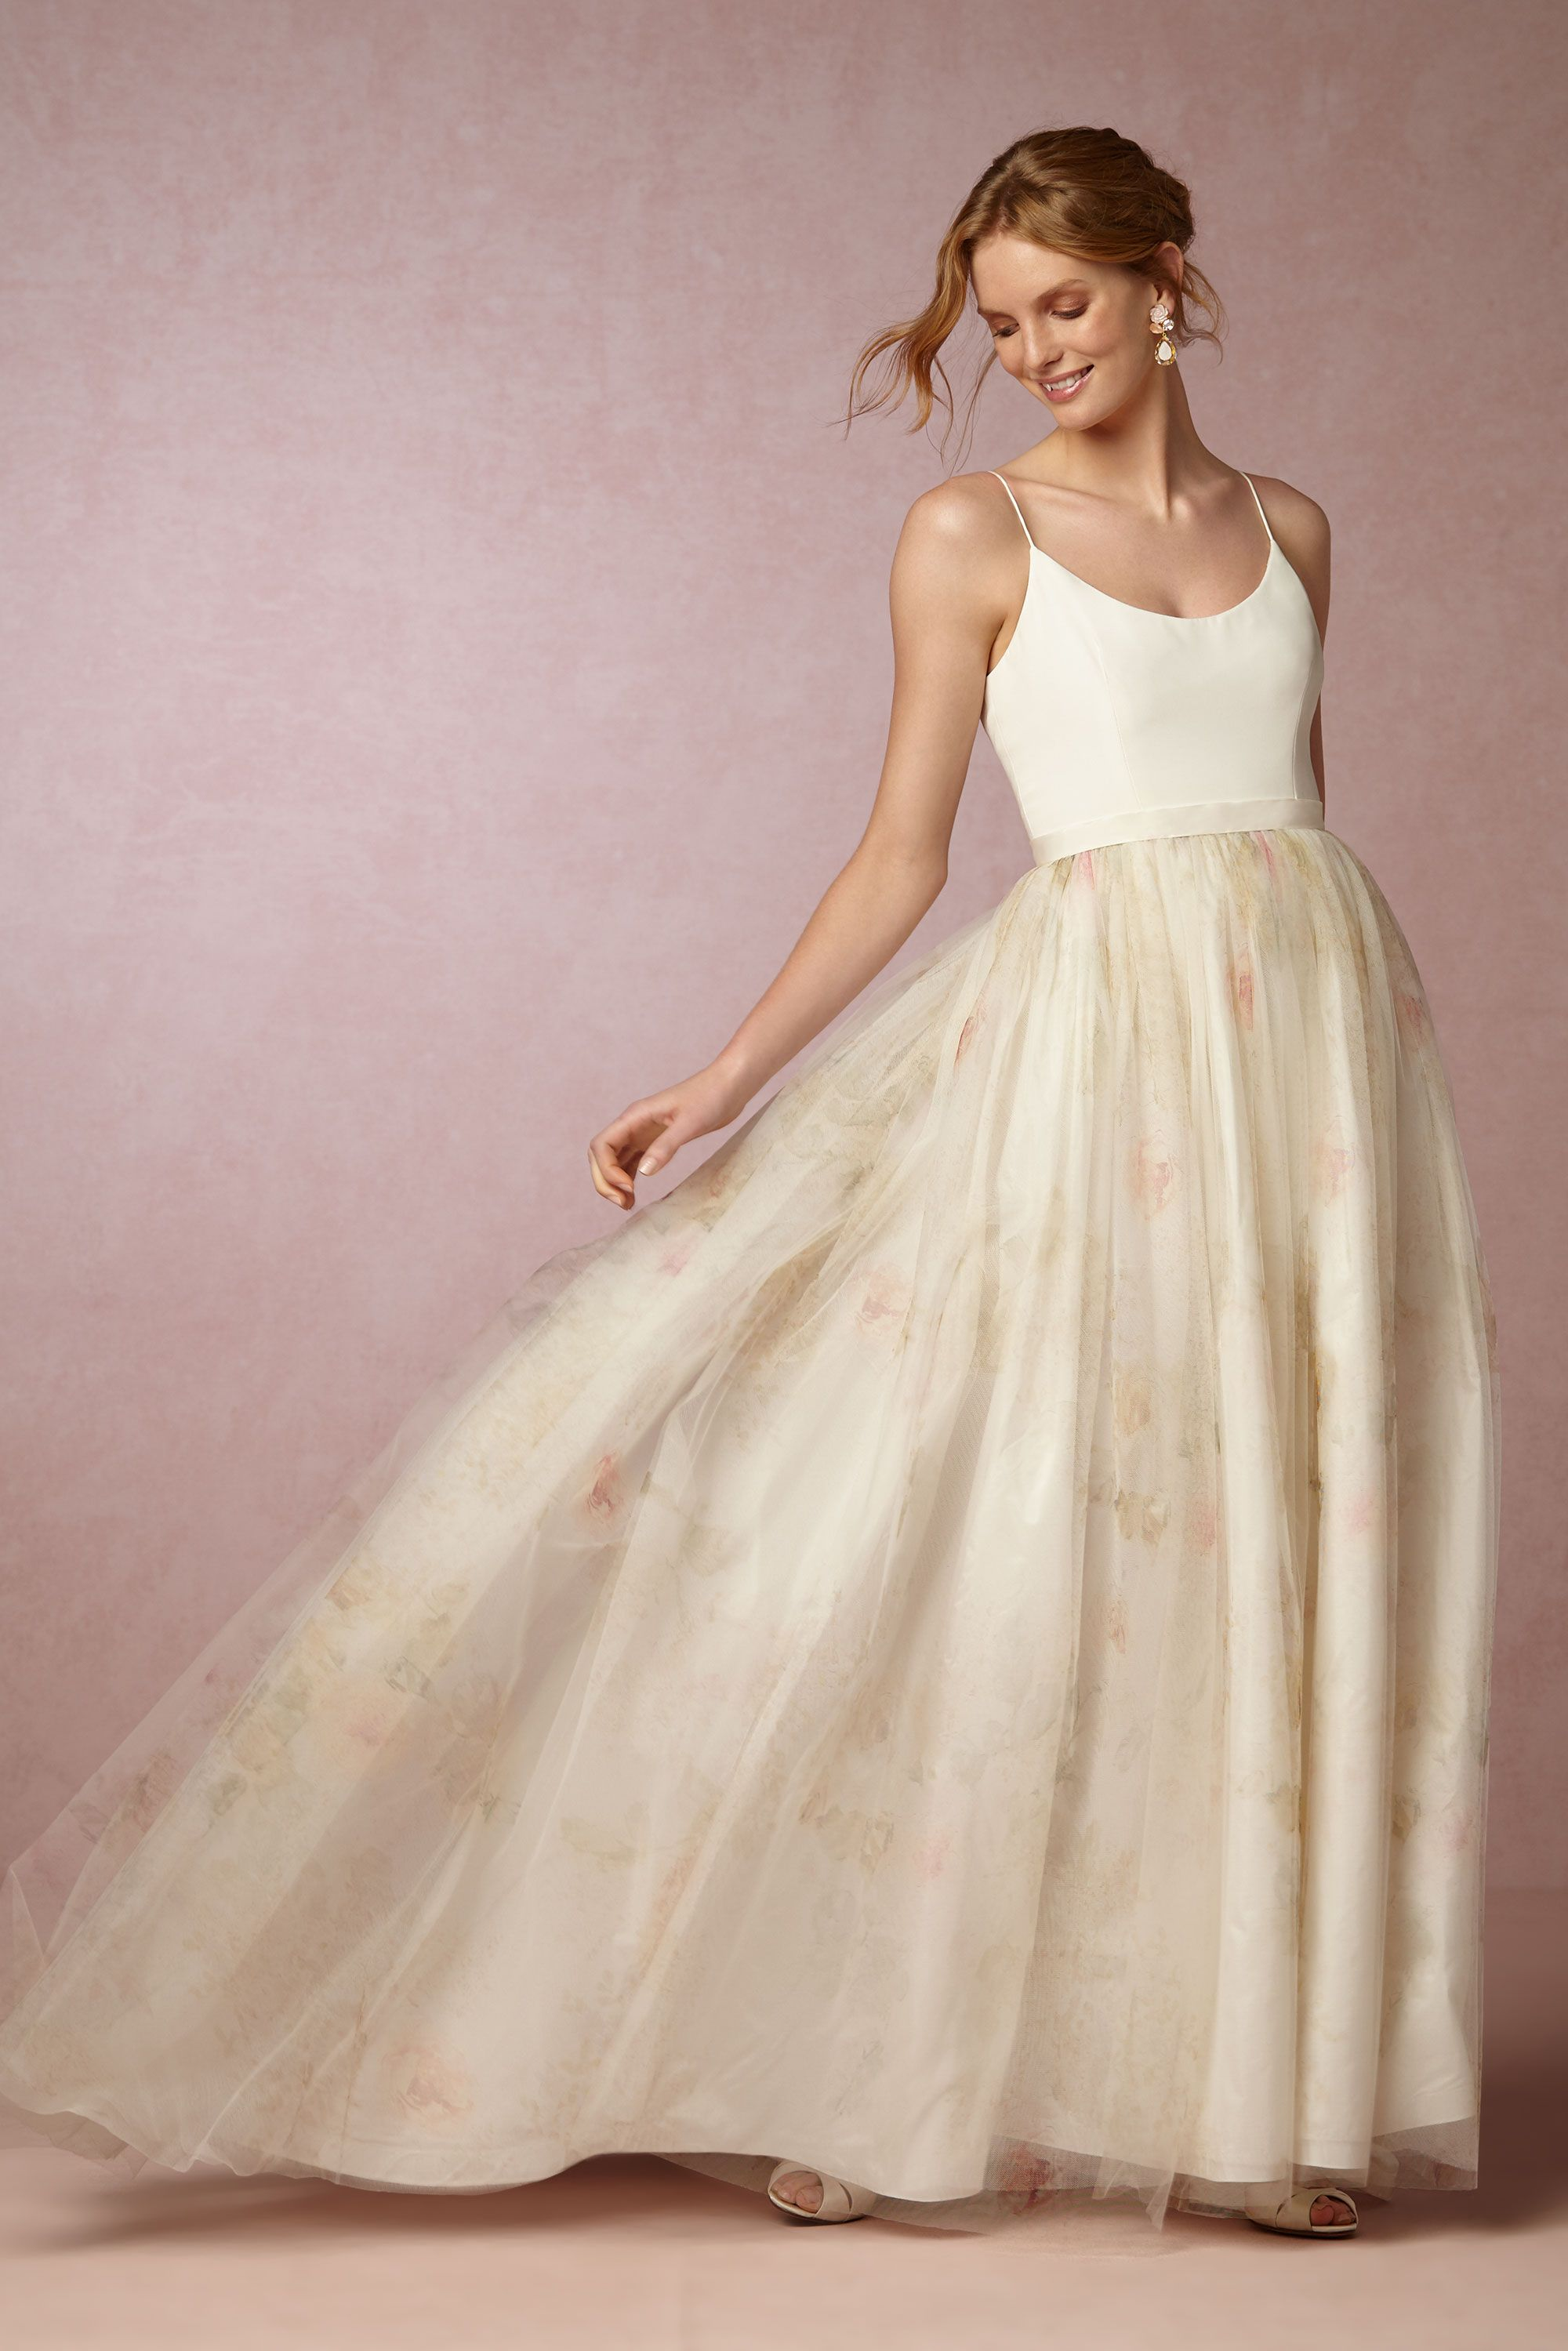 Ballet Gown